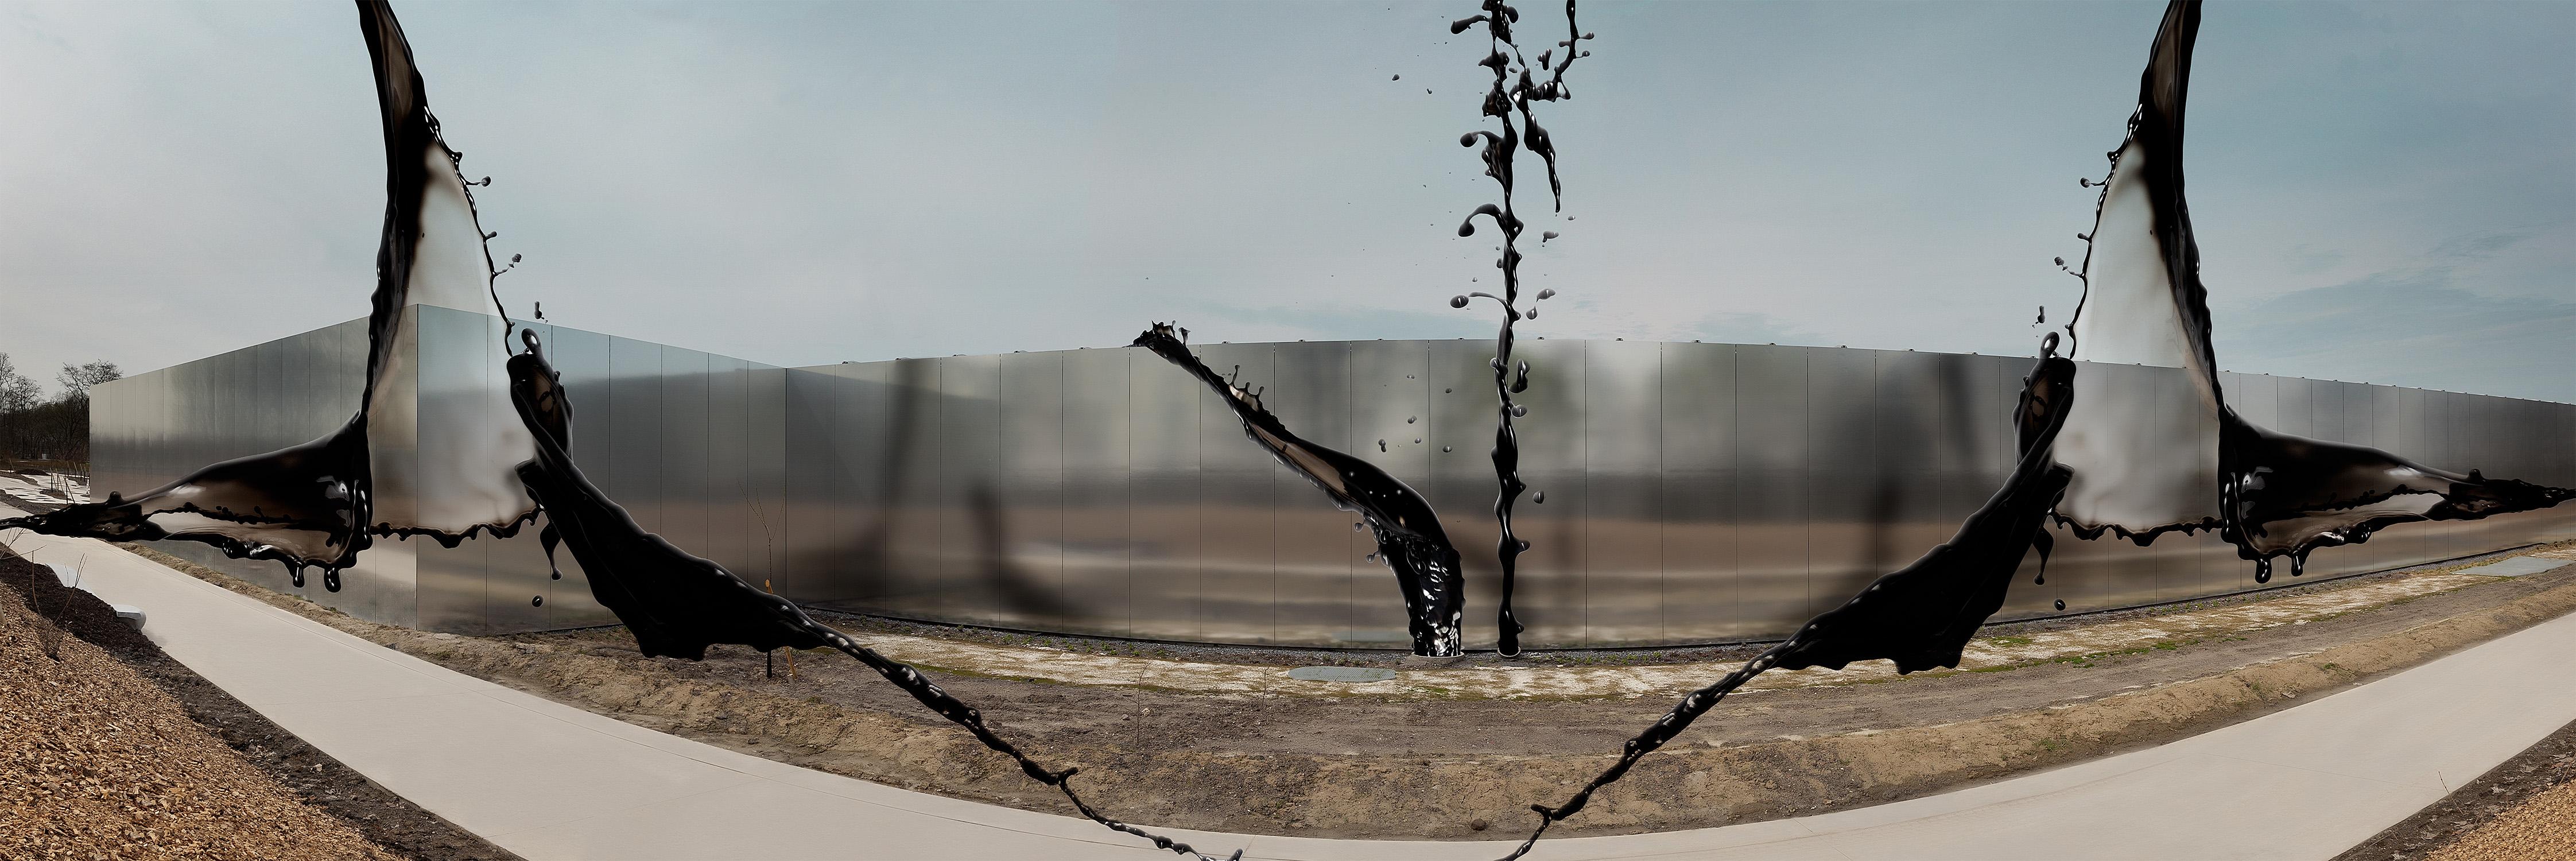 il grido s'infrange contro le mura / percorre labirinti sotterranei di città dolenti / e memorabili abbracci di petrolio nei deserti-50cm x 150cm – PRINT ON FINEART BARYTA HAHNEMÜHLE / DIBOND-©2013 – Edition of 5